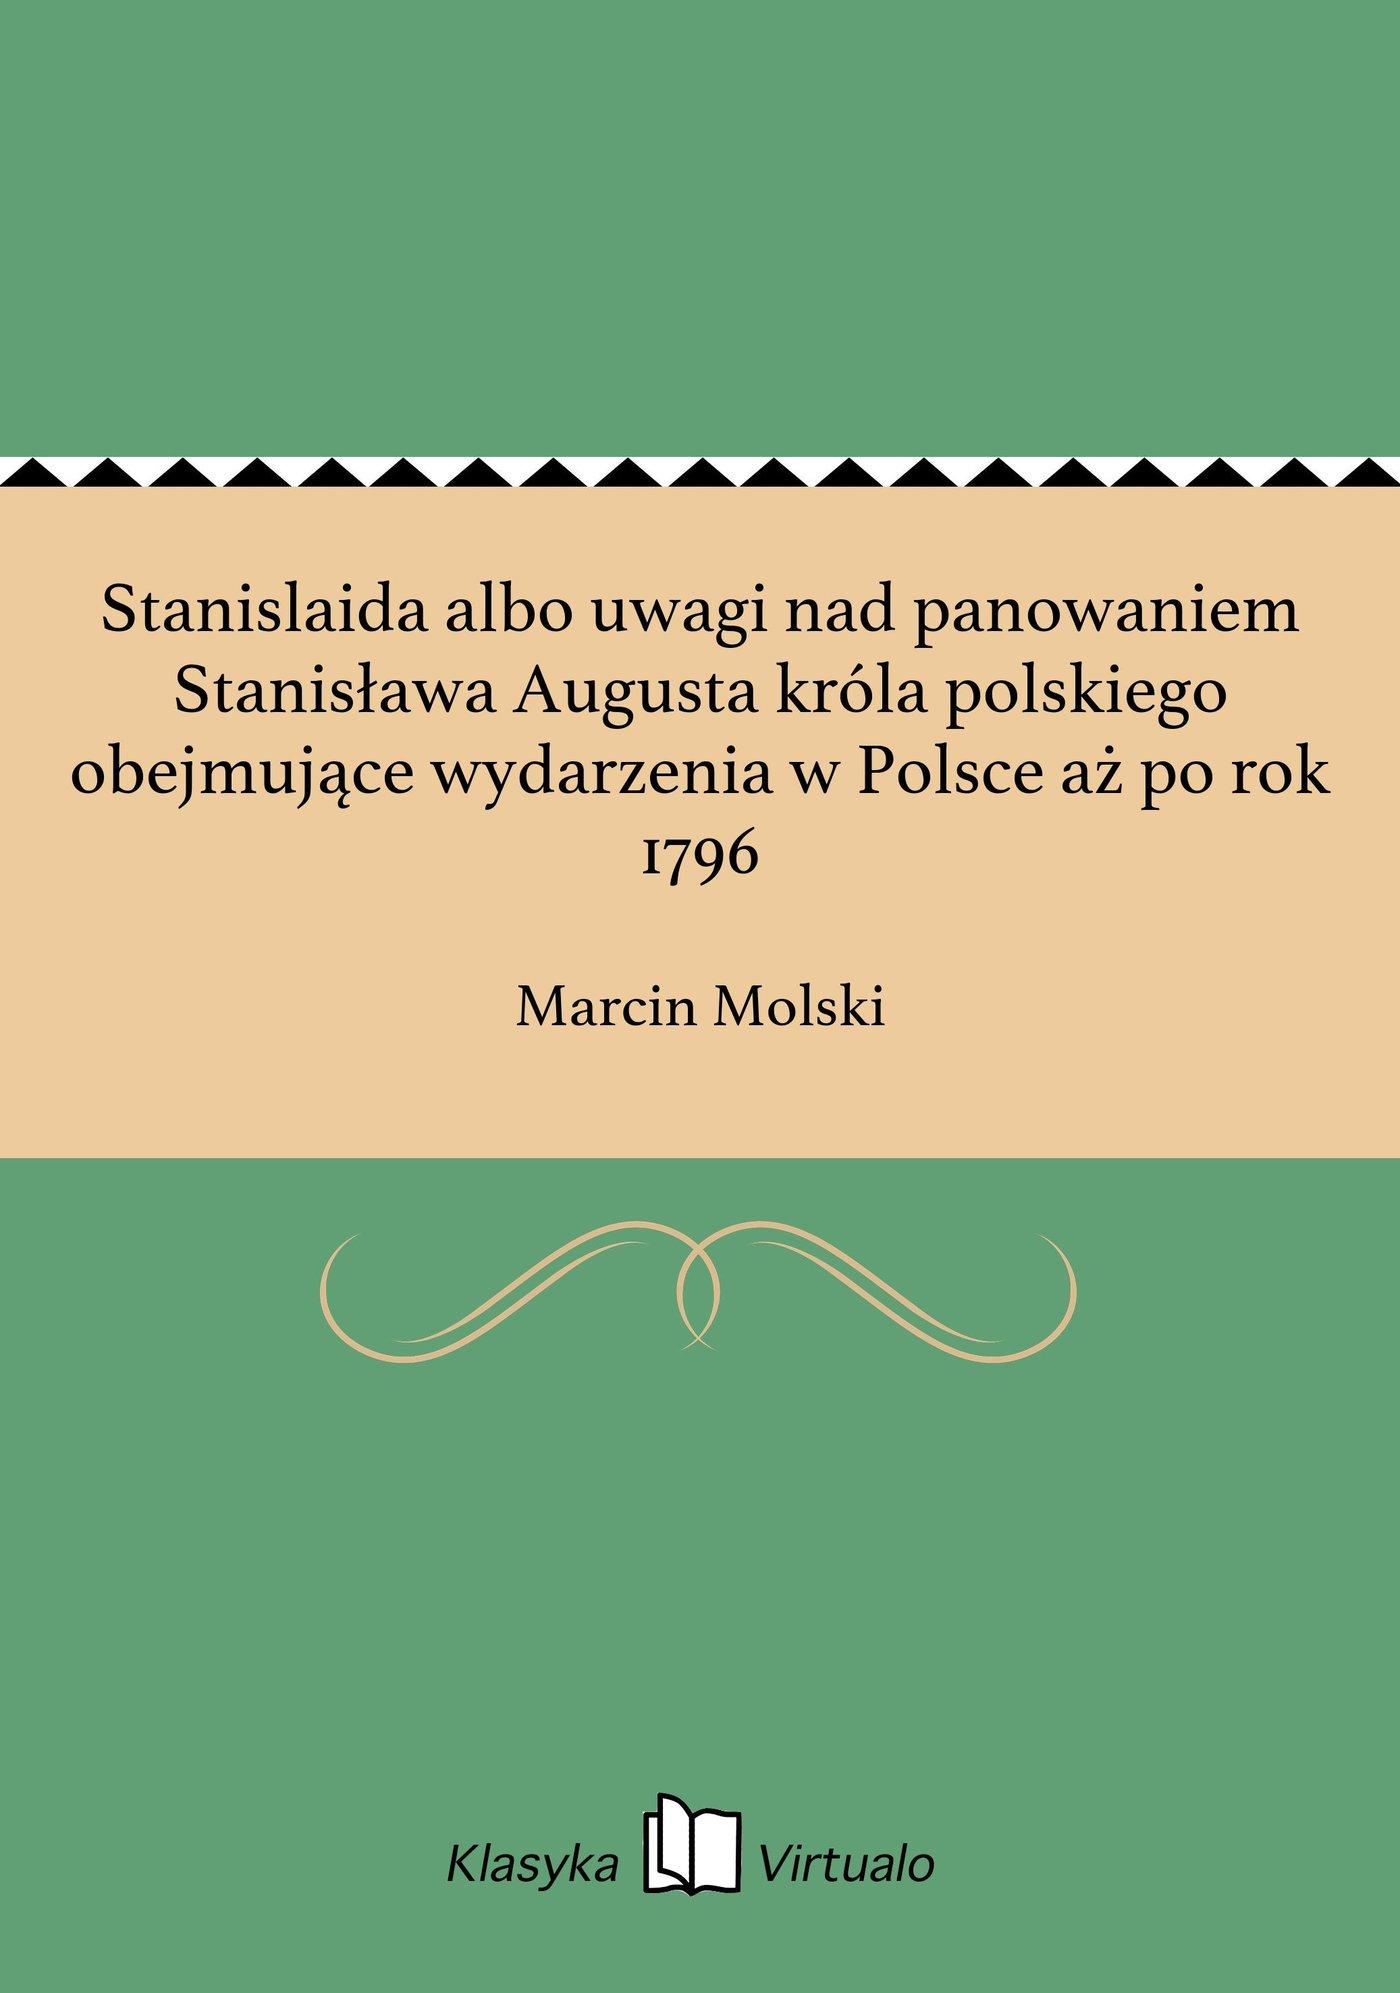 Stanislaida albo uwagi nad panowaniem Stanisława Augusta króla polskiego obejmujące wydarzenia w Polsce aż po rok 1796 - Ebook (Książka EPUB) do pobrania w formacie EPUB